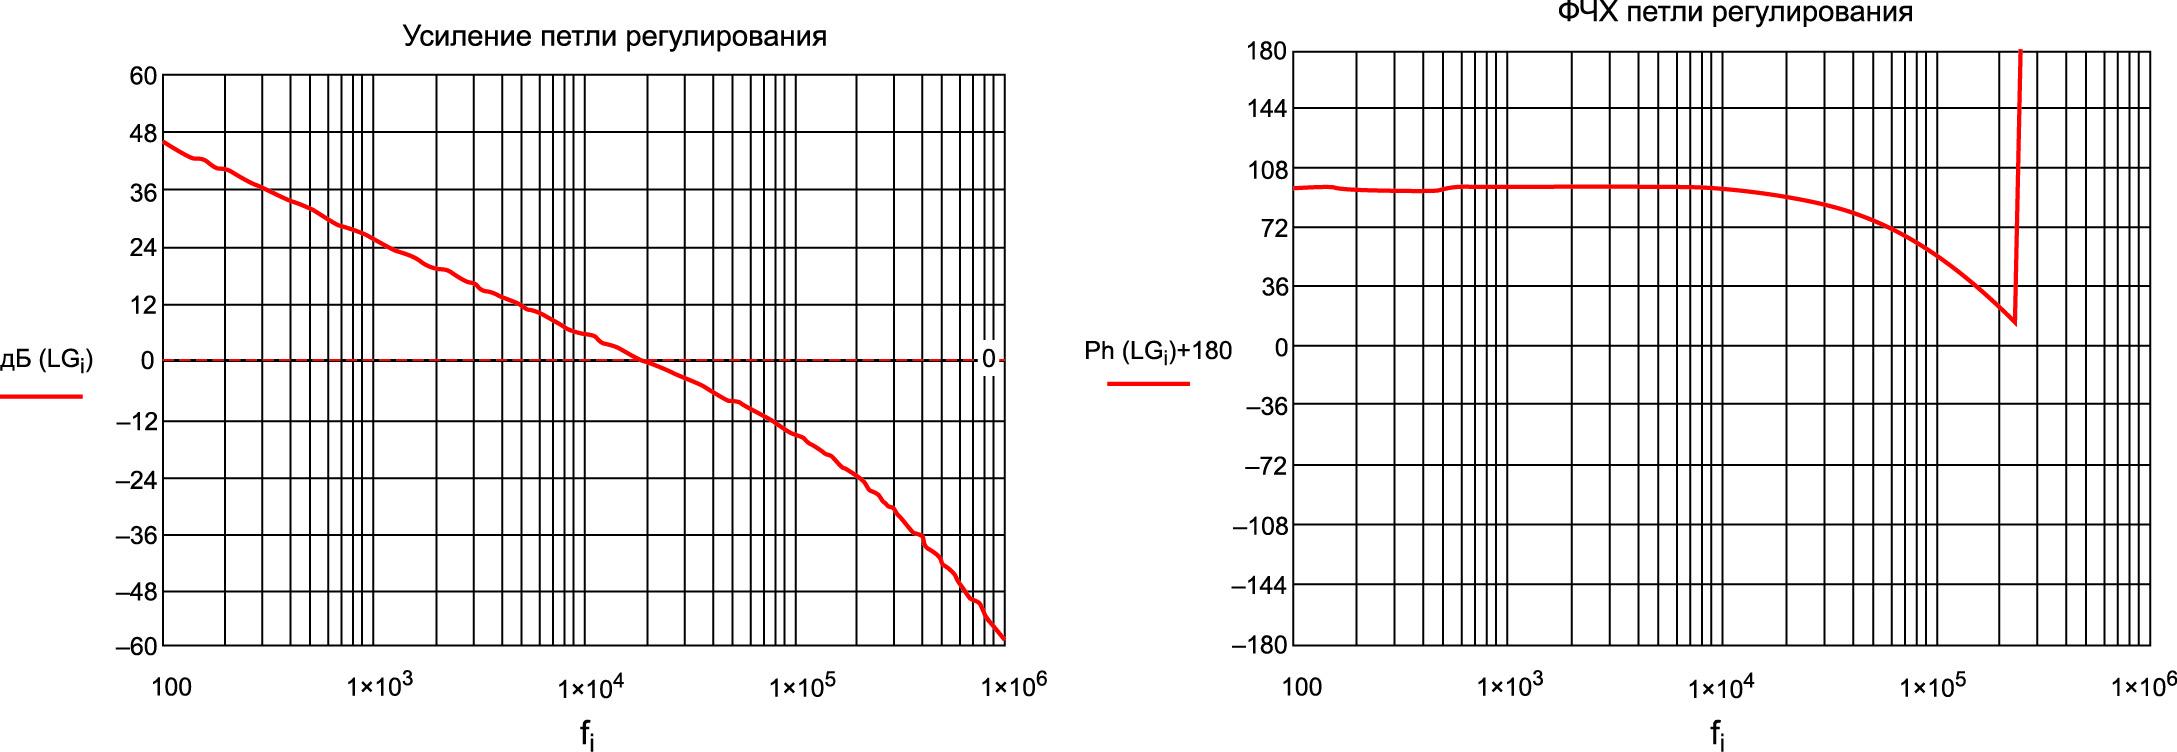 График усиления (АЧХ) и ФЧХ петли регулирования